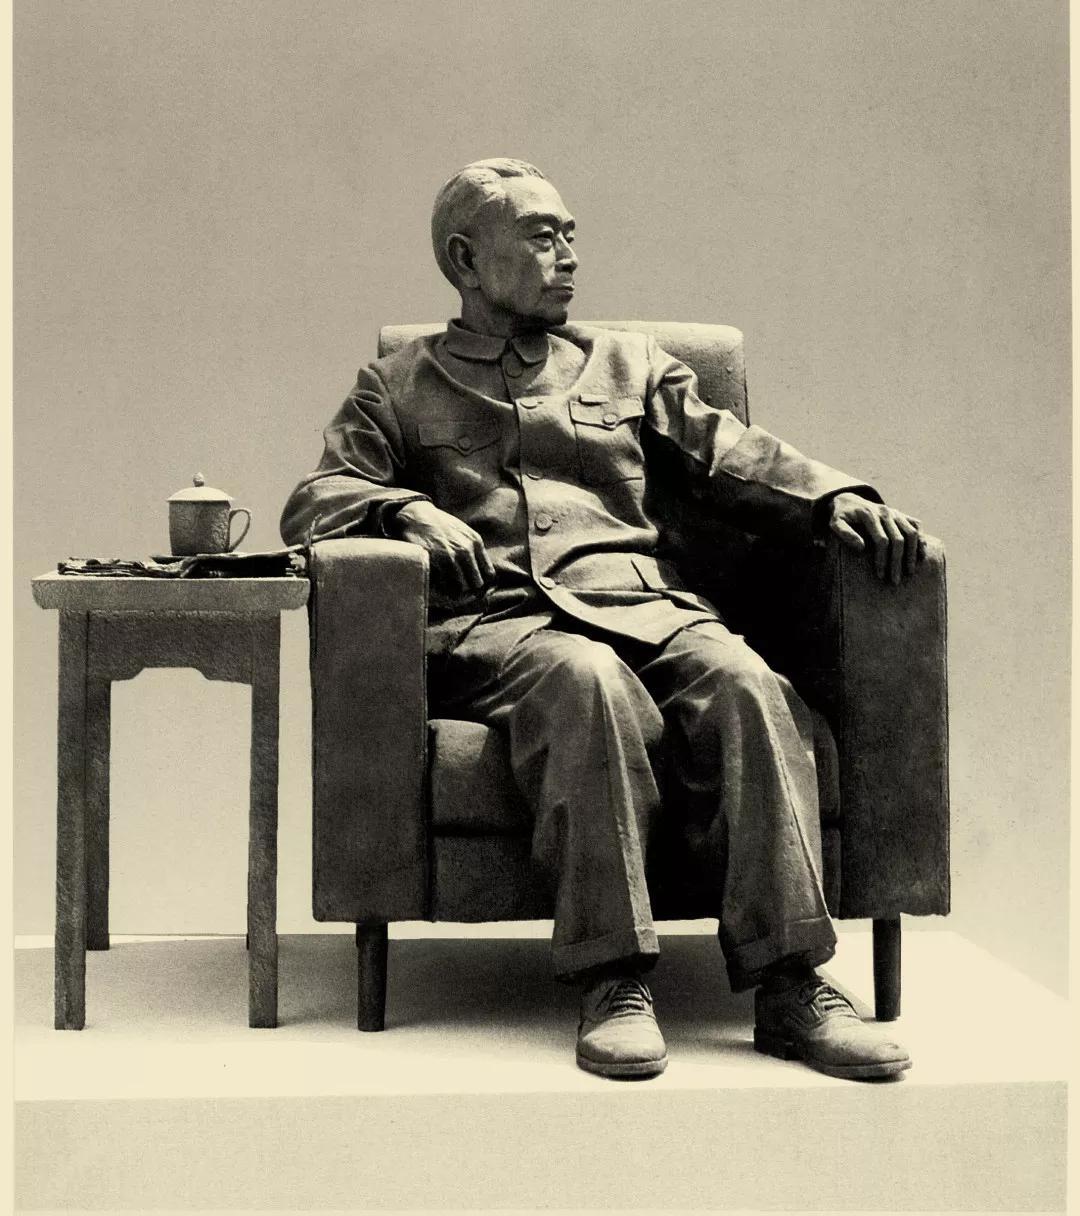 鞠躬尽瘁/班陵生/125 × 110 × 117 cm / 玻璃钢 / 1999